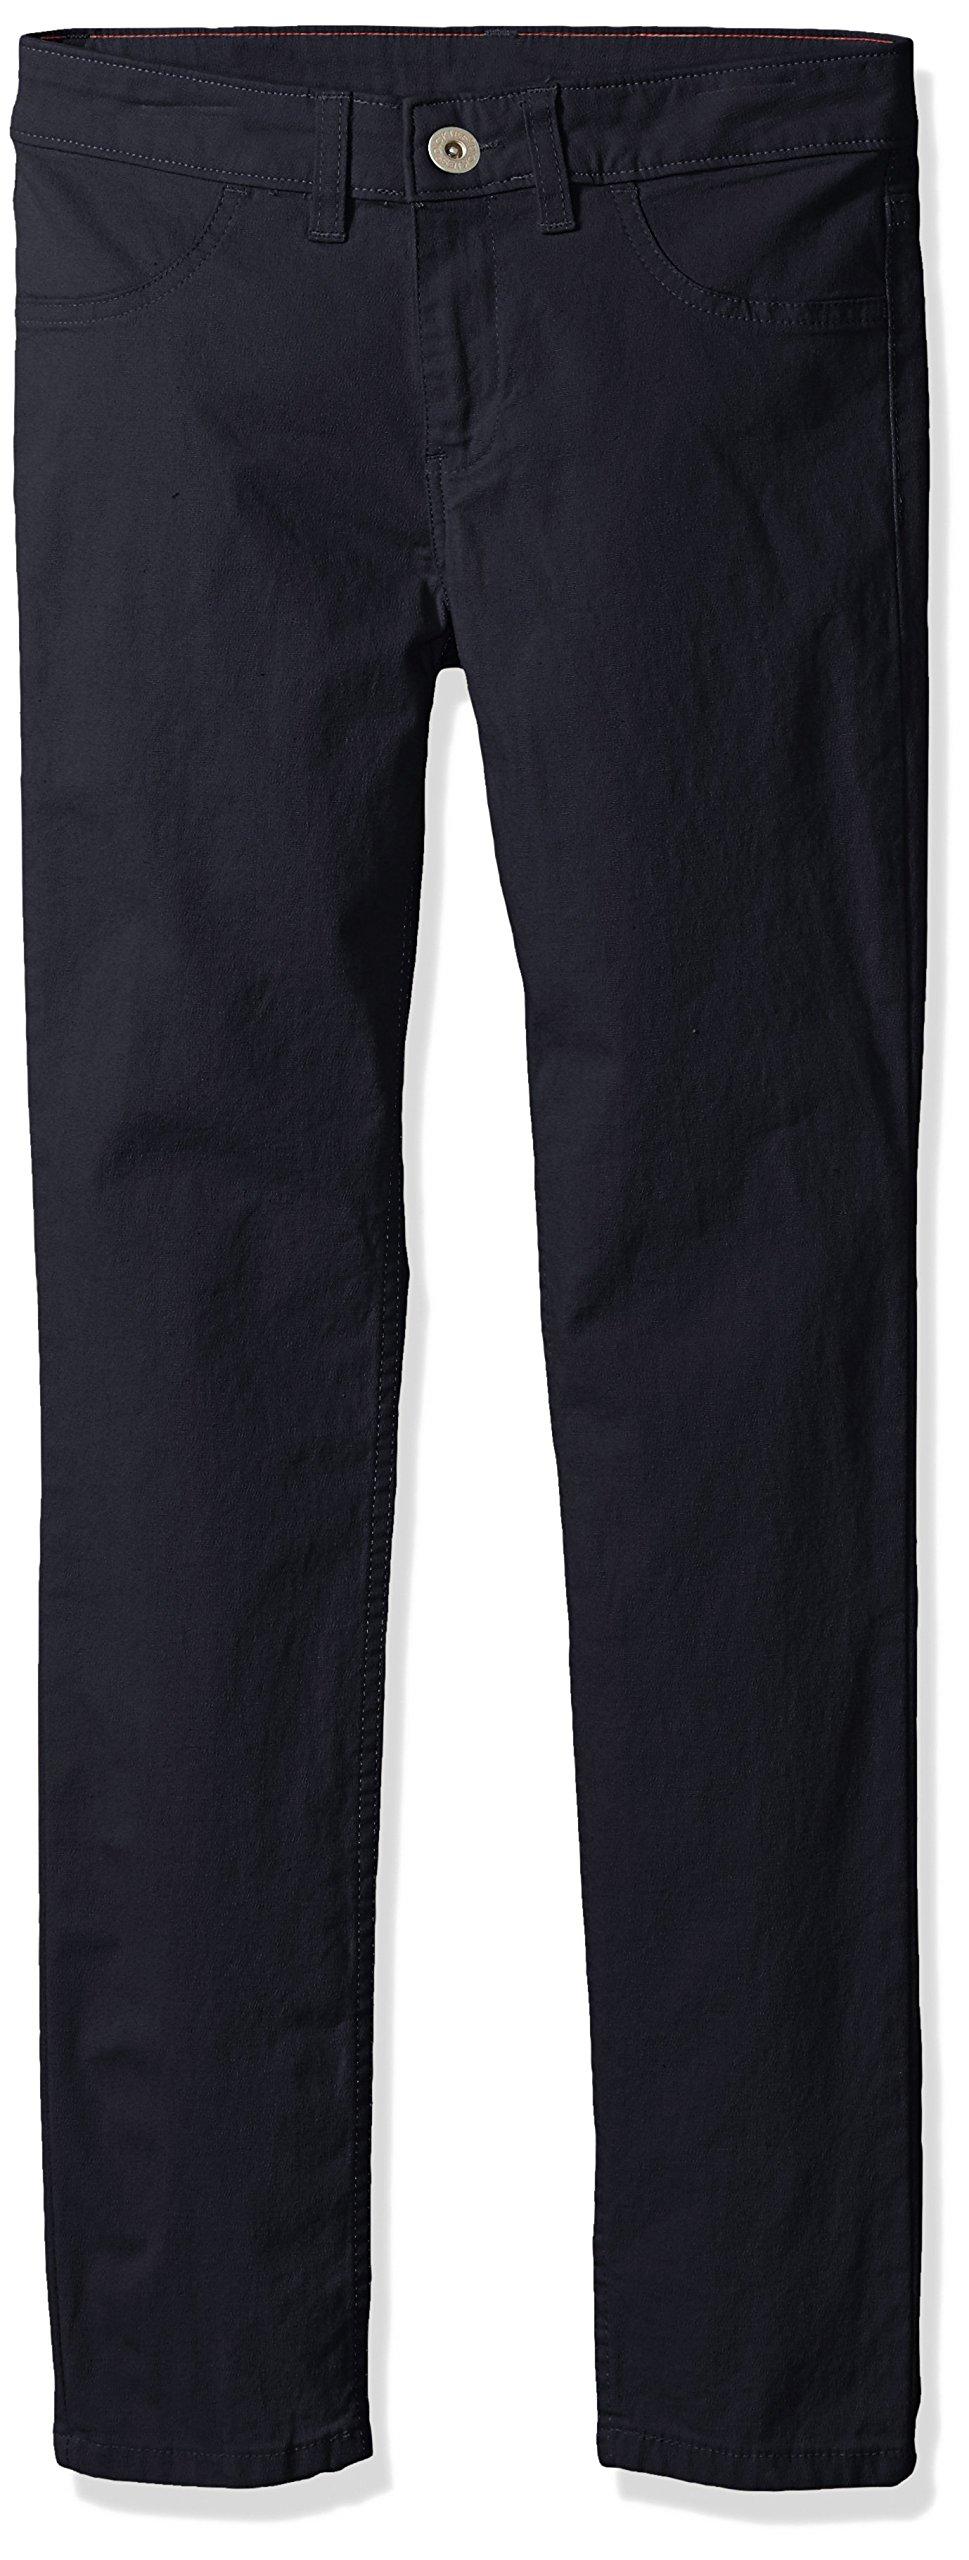 Dickies Big Girls' Super Skinny Stretch Pant, Rinsed Dark Navy, 14